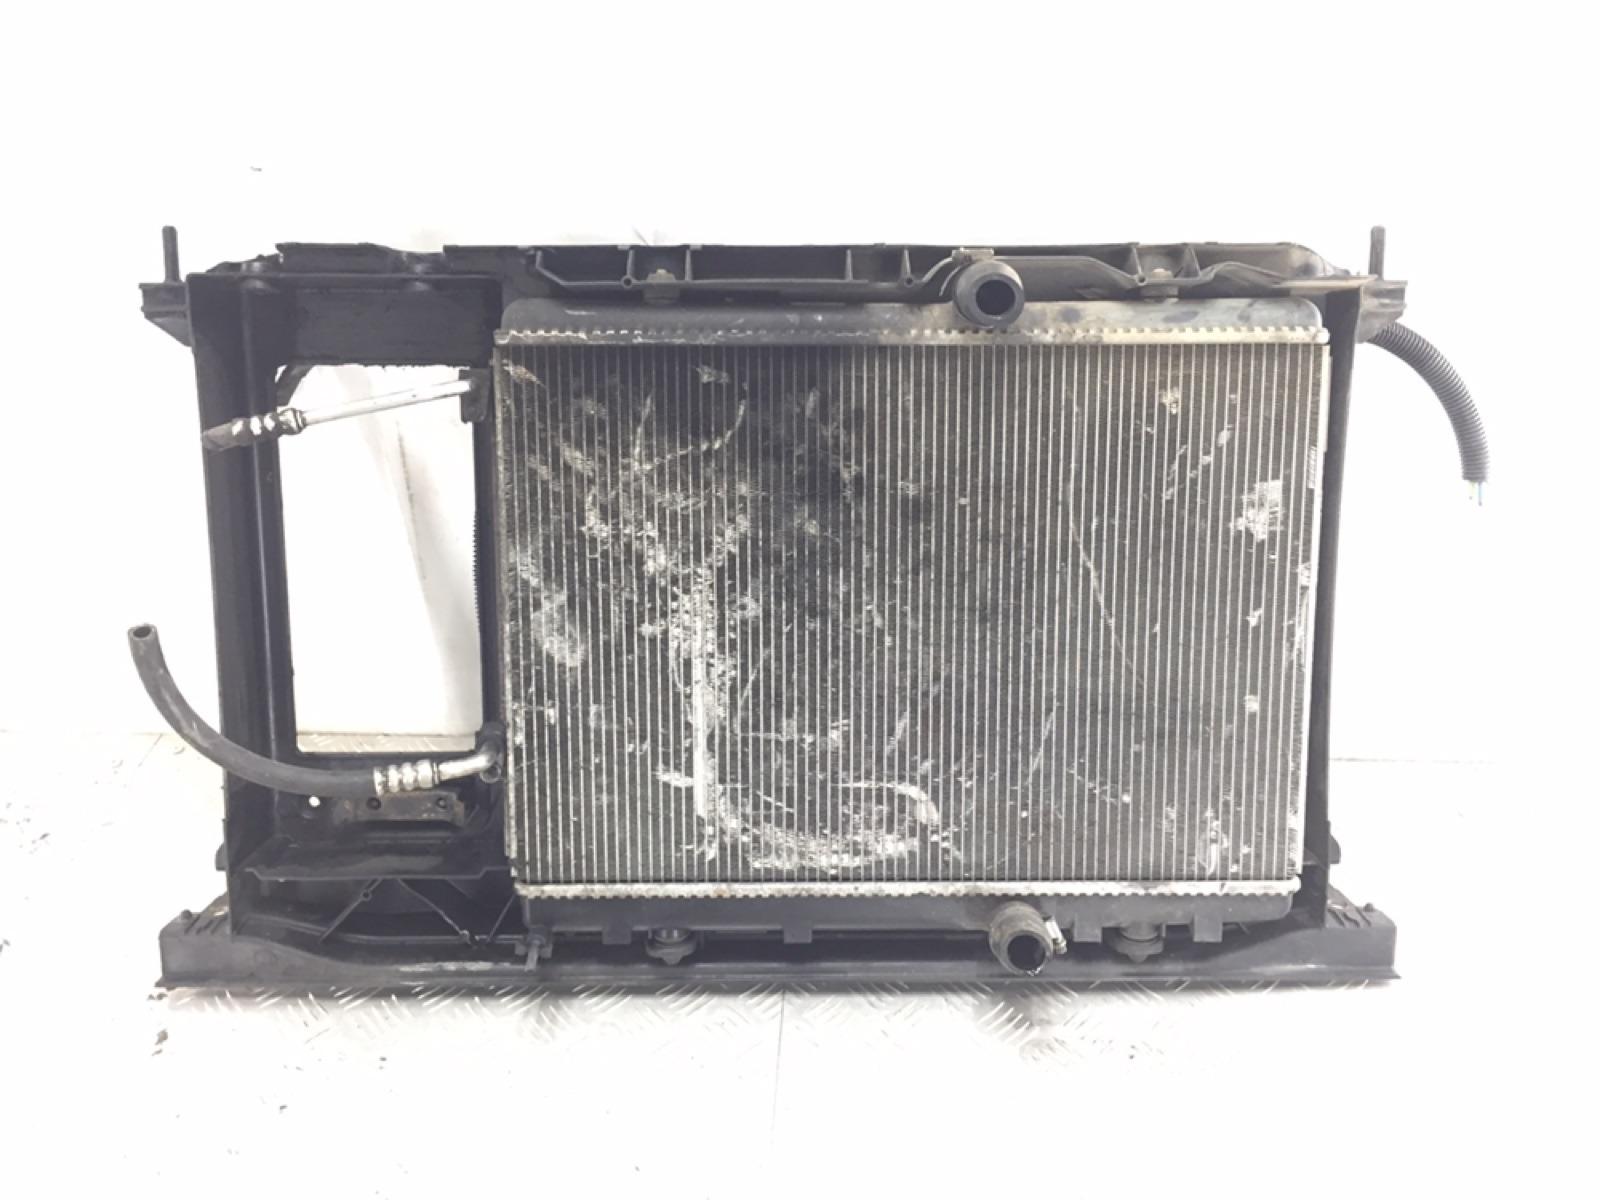 Кассета радиаторов Citroen C4 Grand Picasso 1.6 HDI 2007 (б/у)